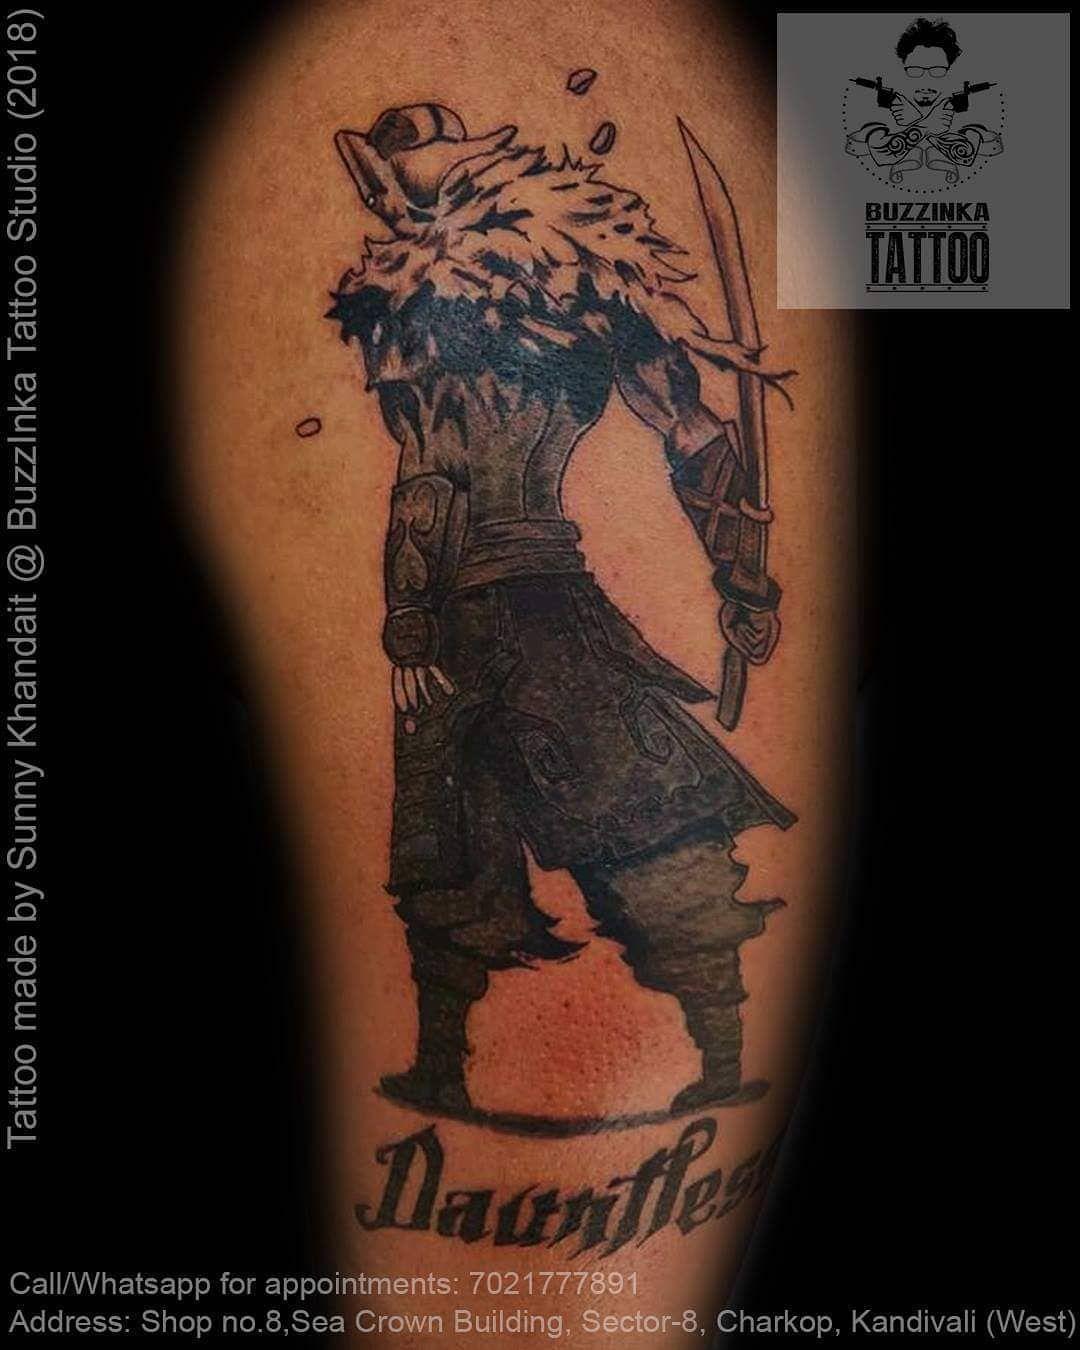 a0d912bd6 juggernaut tattoo | Tattoos by Sunny Khandait | Tattoos, Tattoo ...